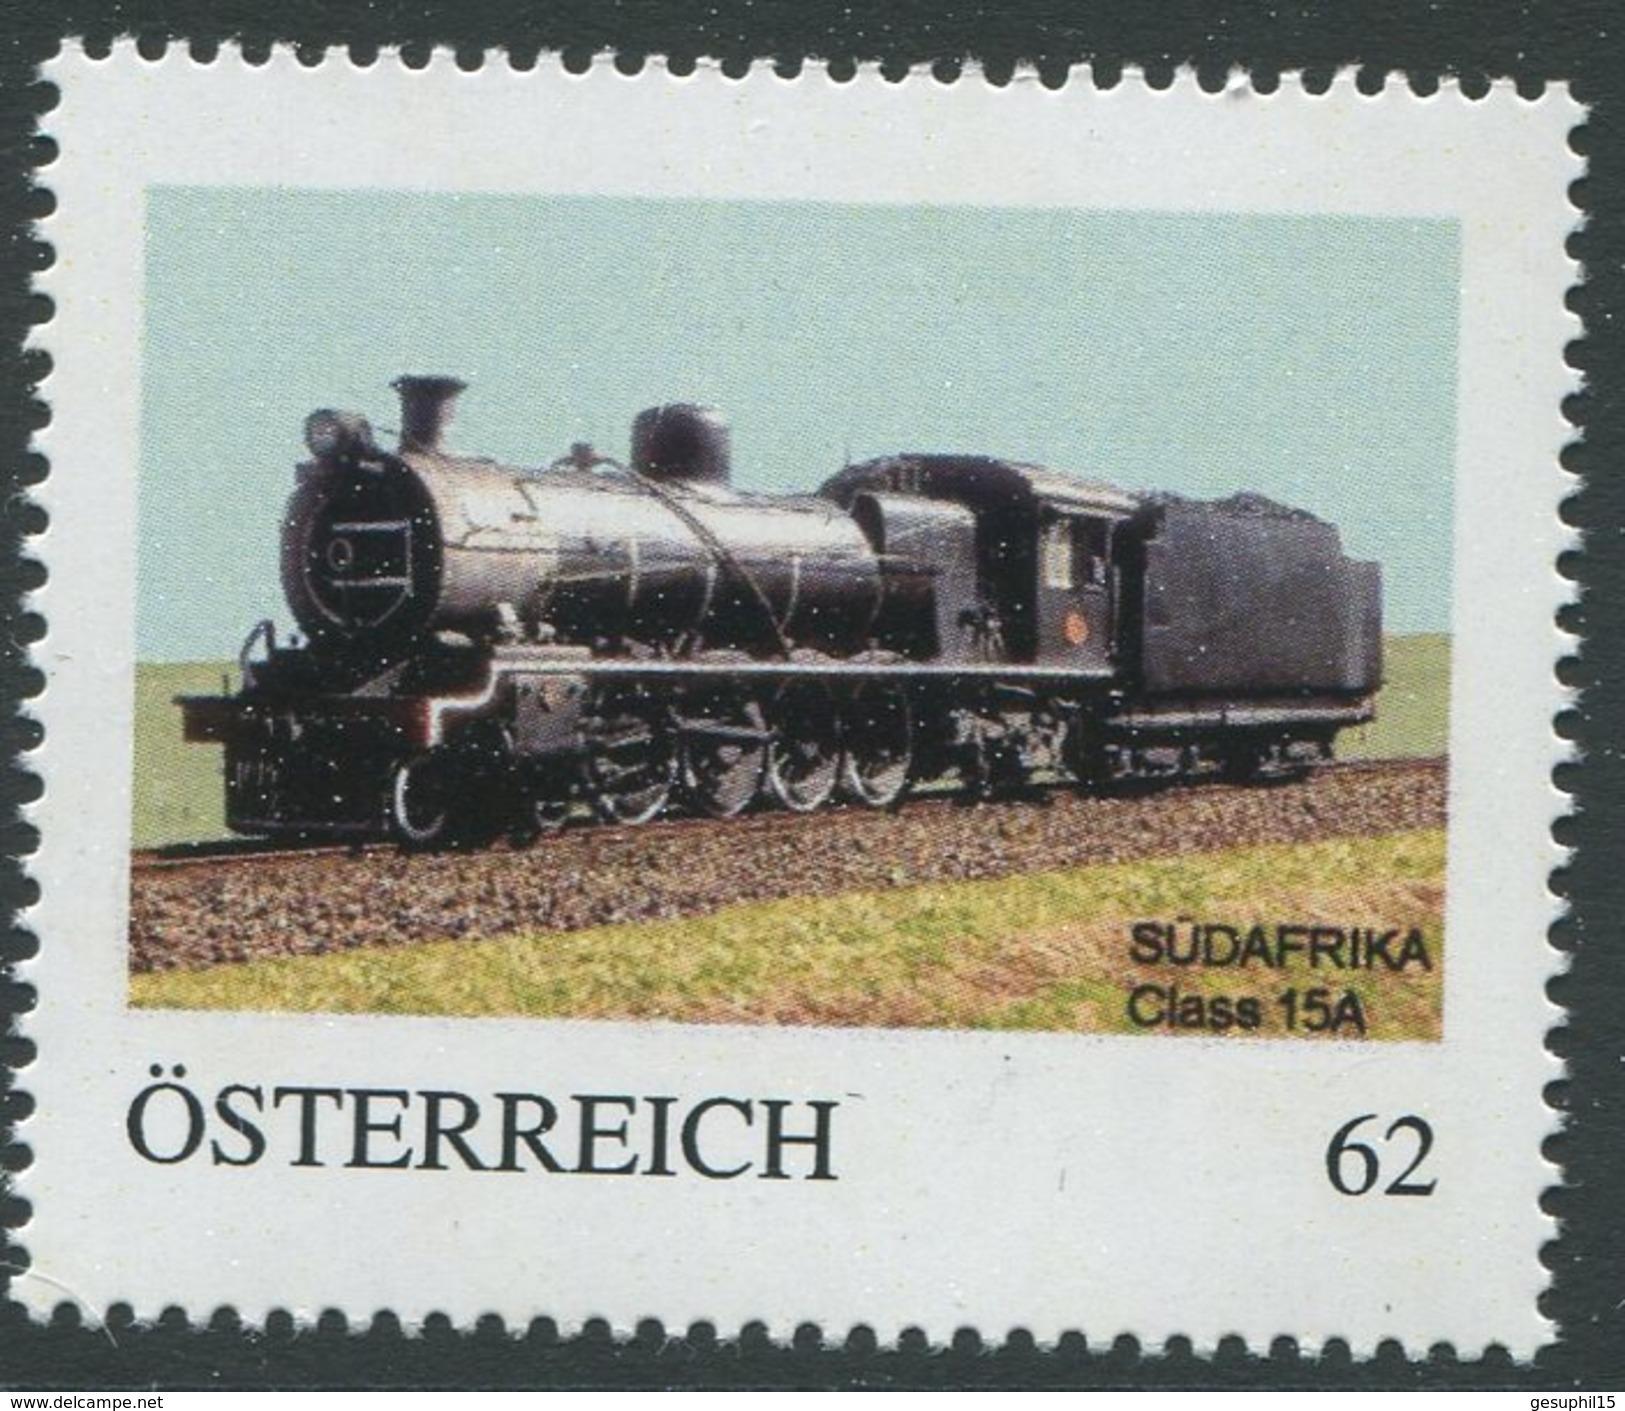 ÖSTERREICH / Lokomotive Südafrika Class 15A / Postfrisch / ** / MNH - Österreich